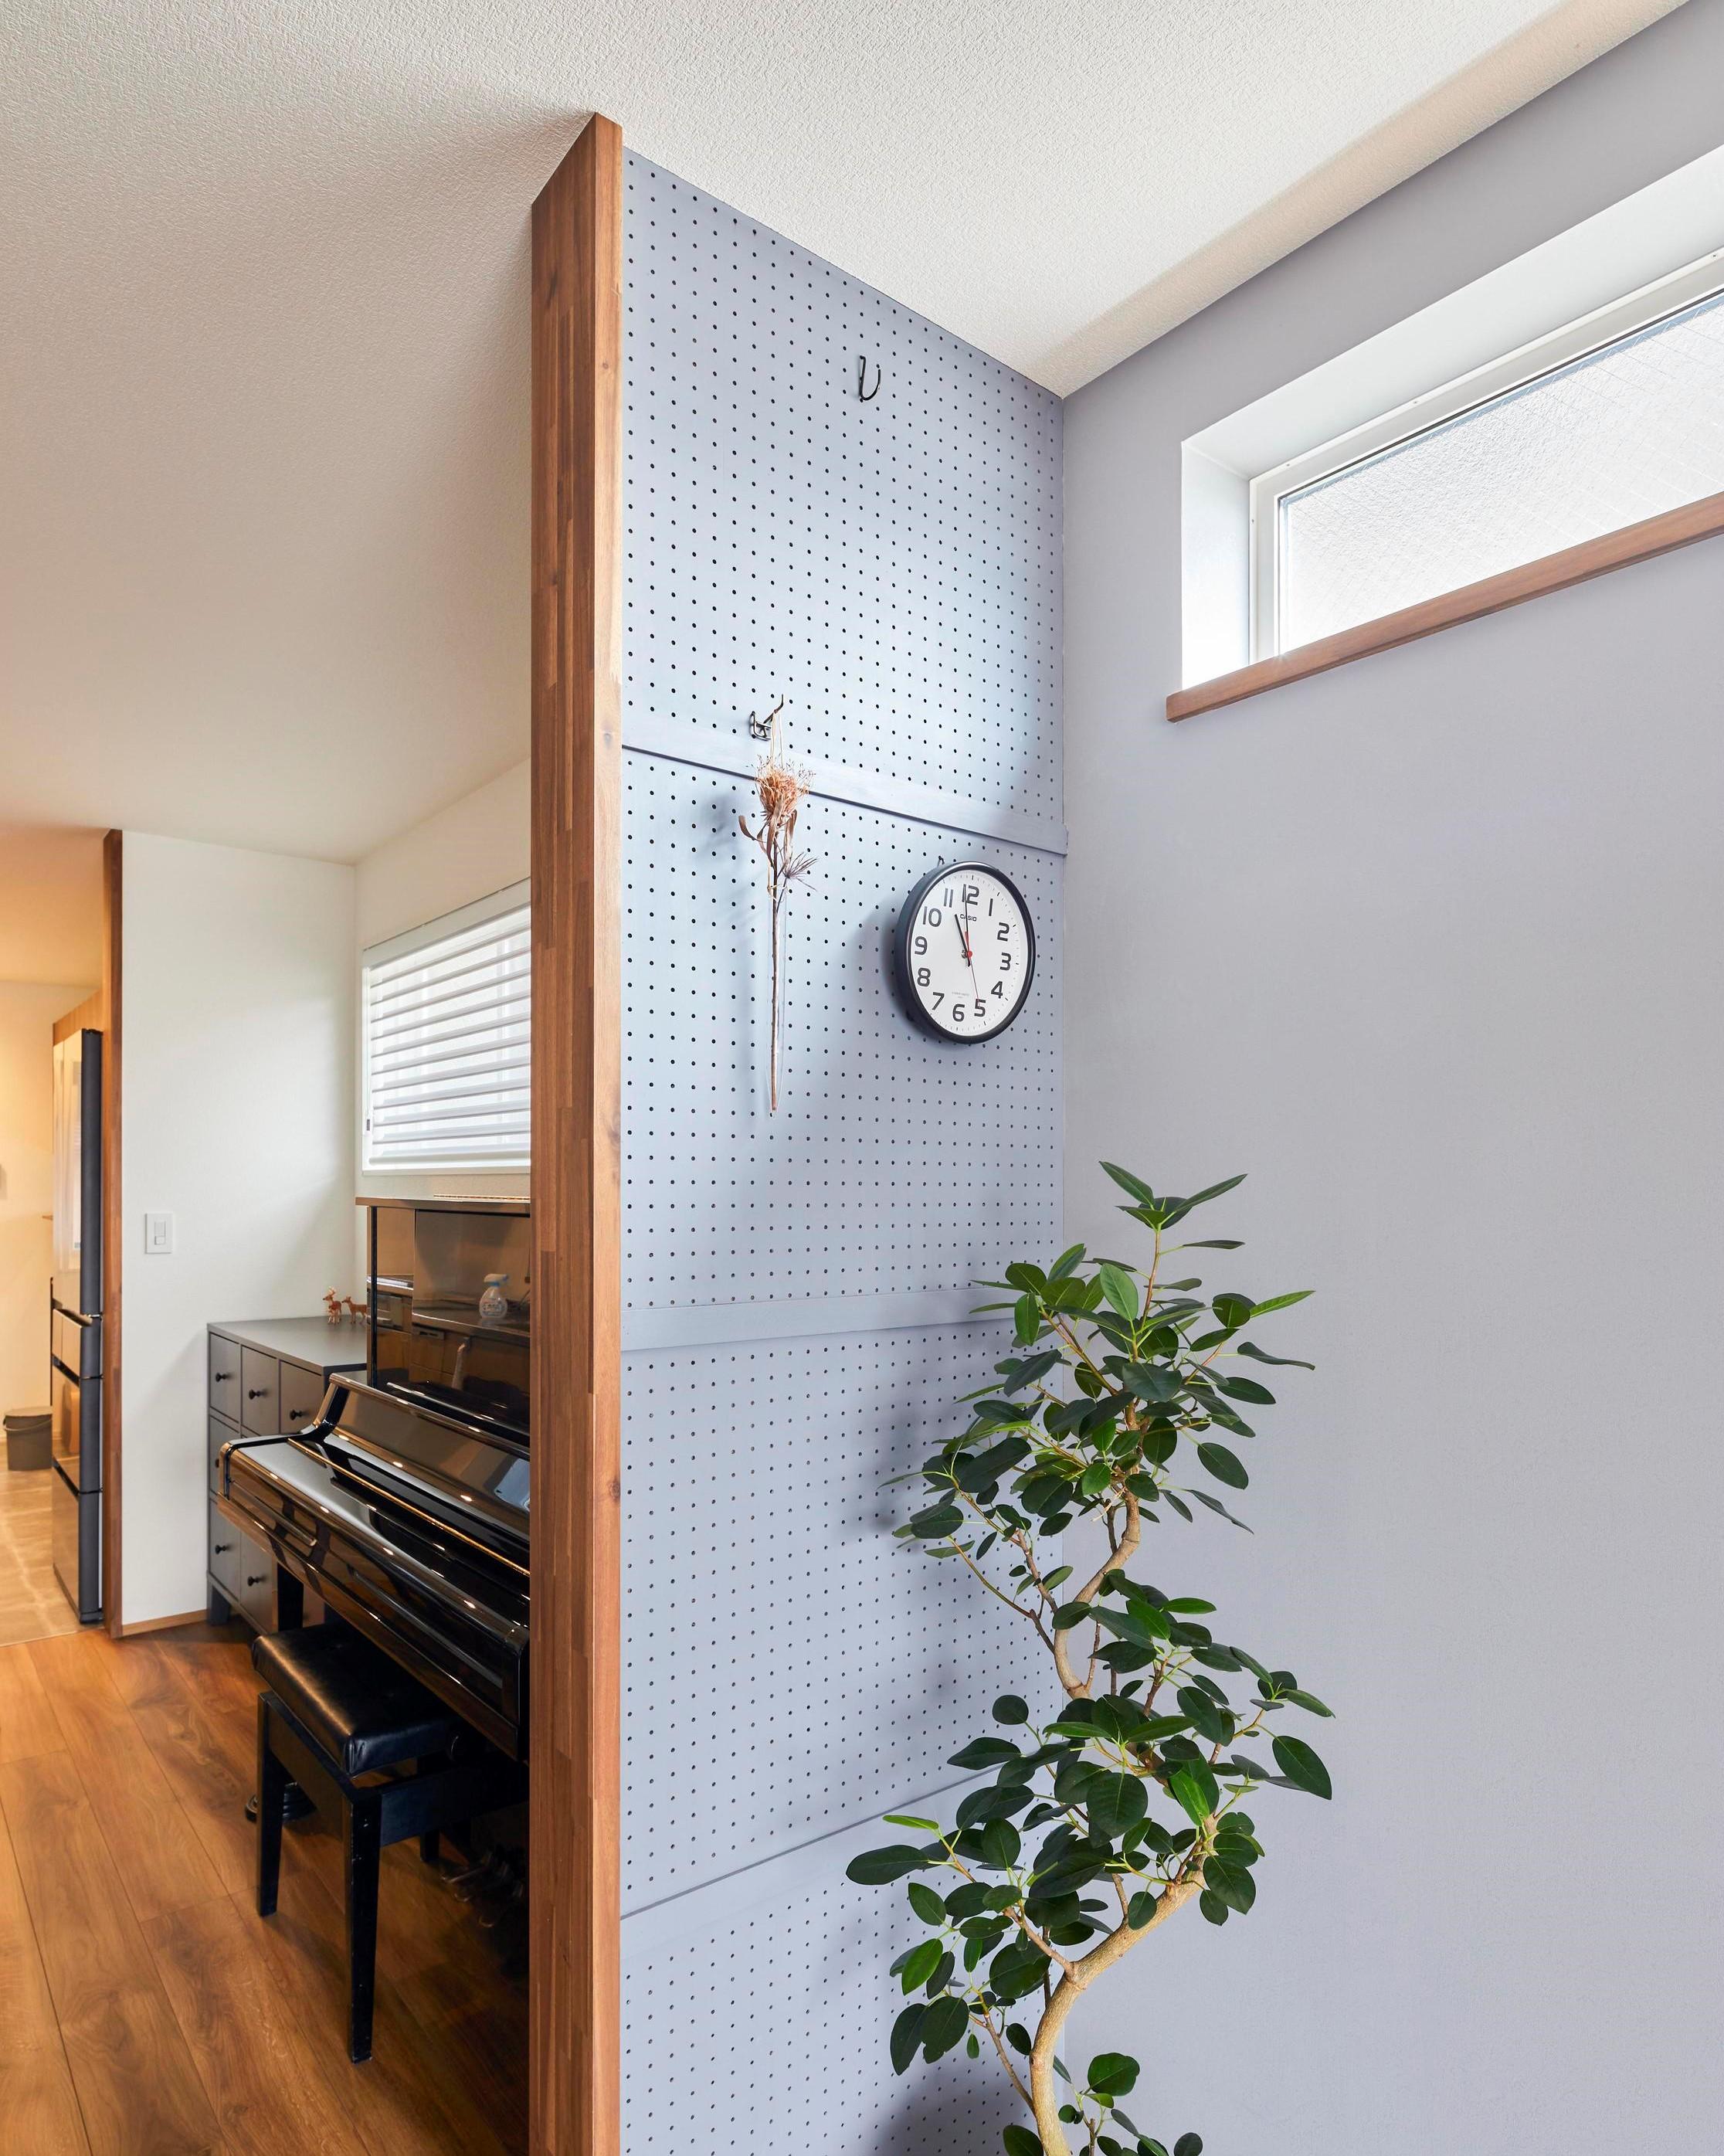 LDKの壁の一部は有孔ボードにし、お気に入りの小物や時計を飾ることができる